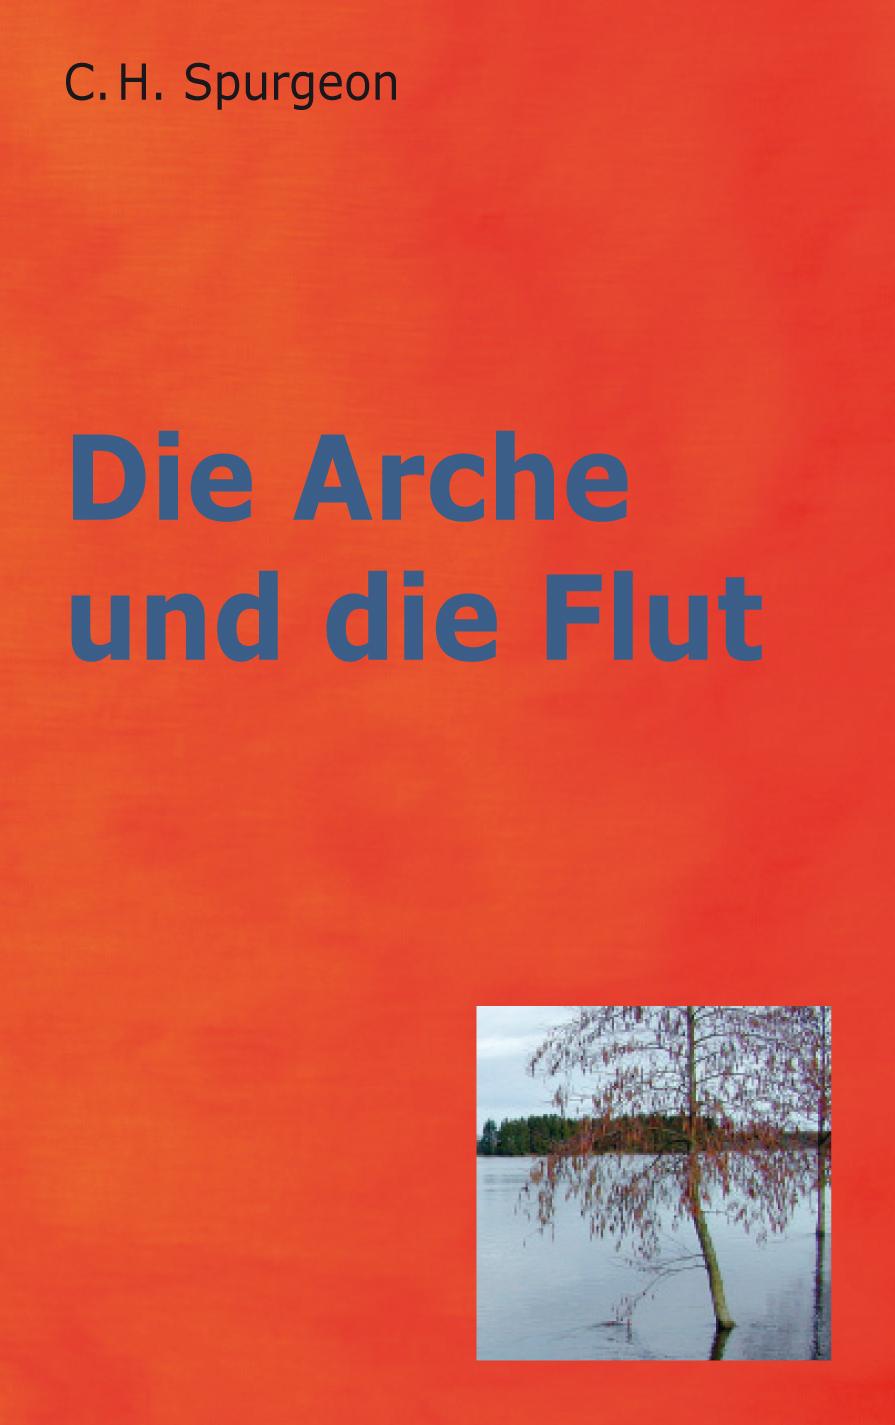 CLV_die-arche-und-die-flut_charles-h-spurgeon_255462_1